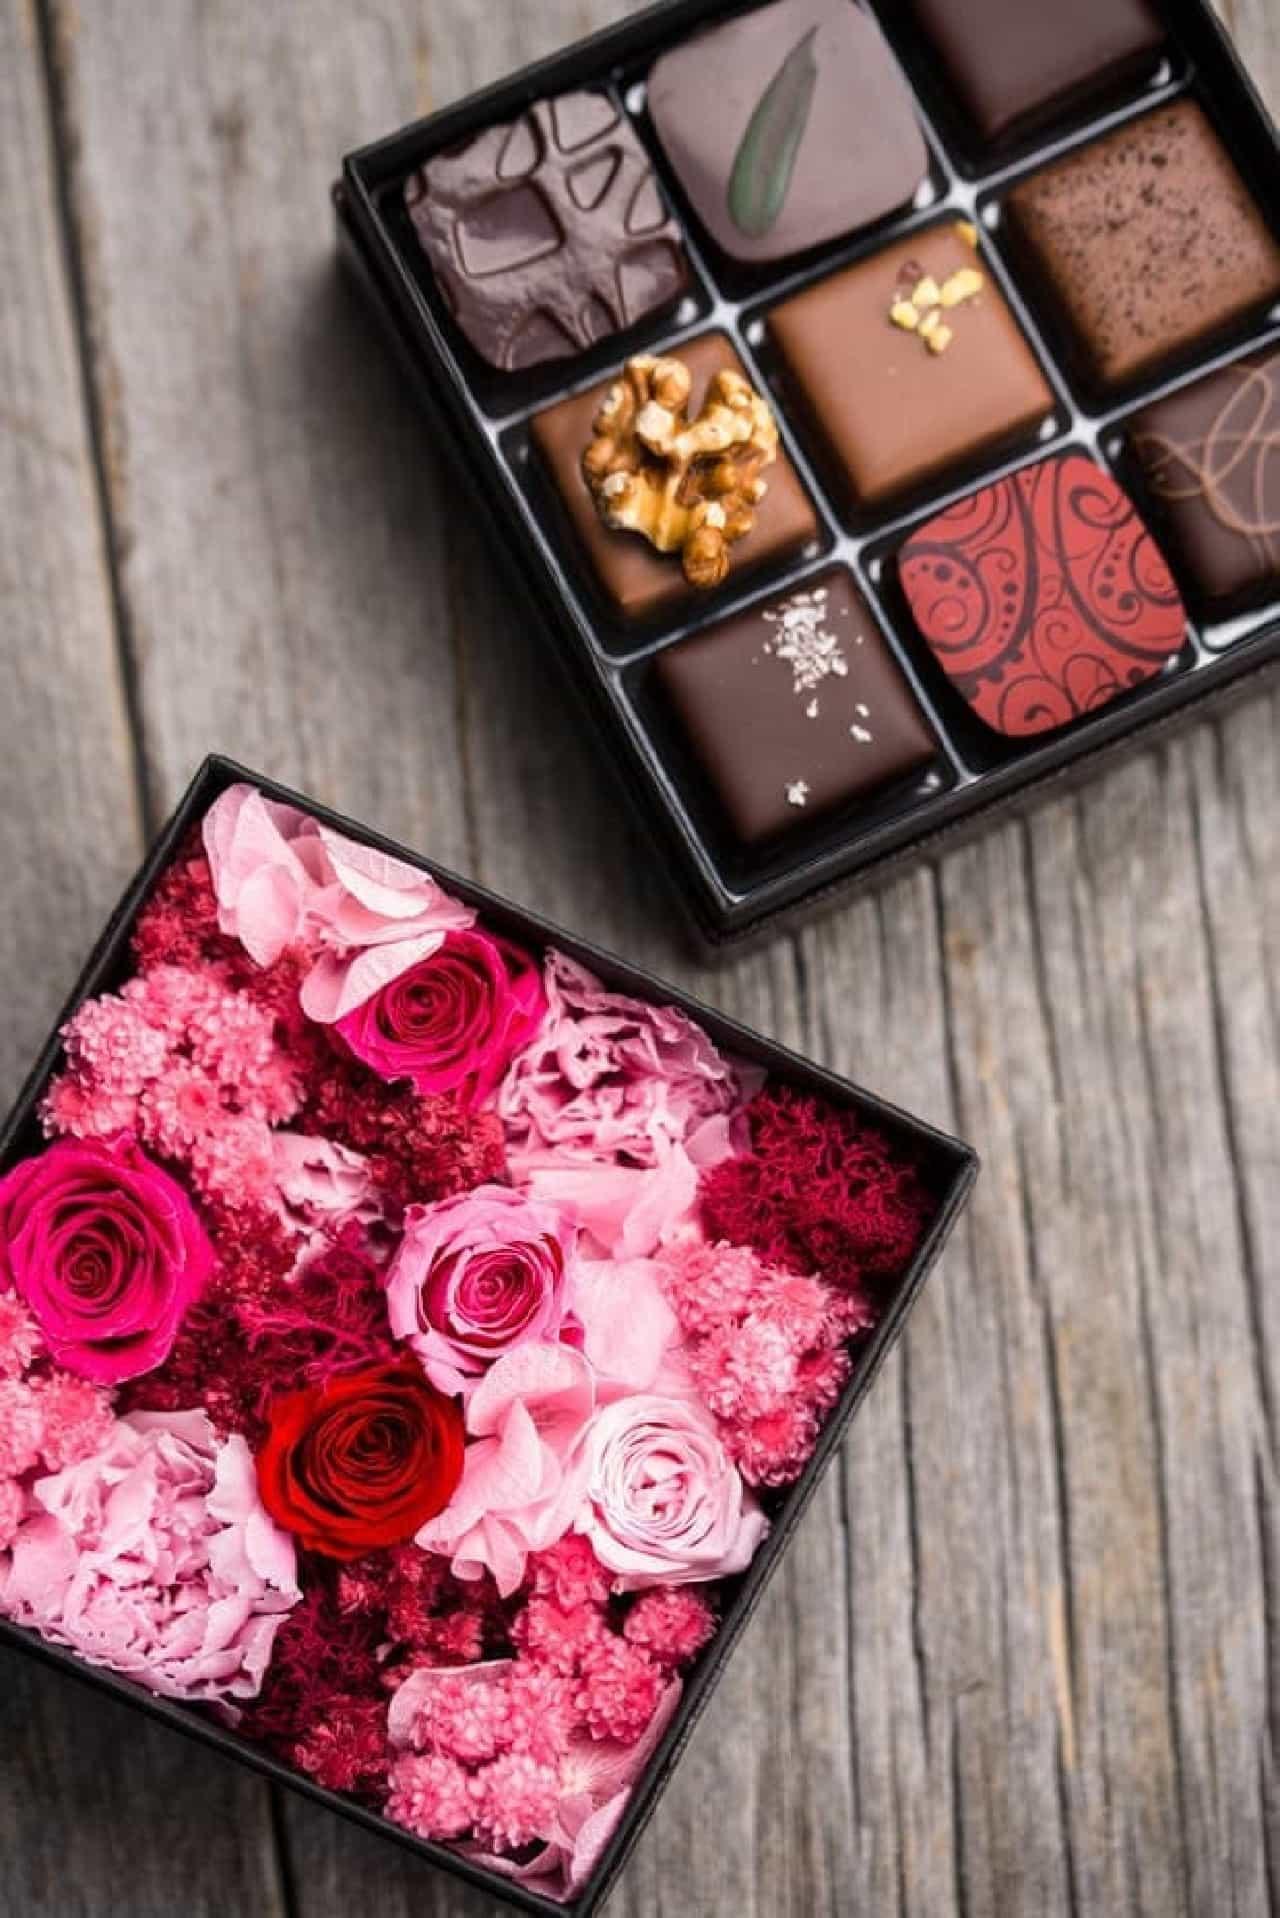 デカダンス ドュ ショコラは、厳選した材料を使用し、職人がひとつひとつ手作りしたショコラを販売するショコラトリー